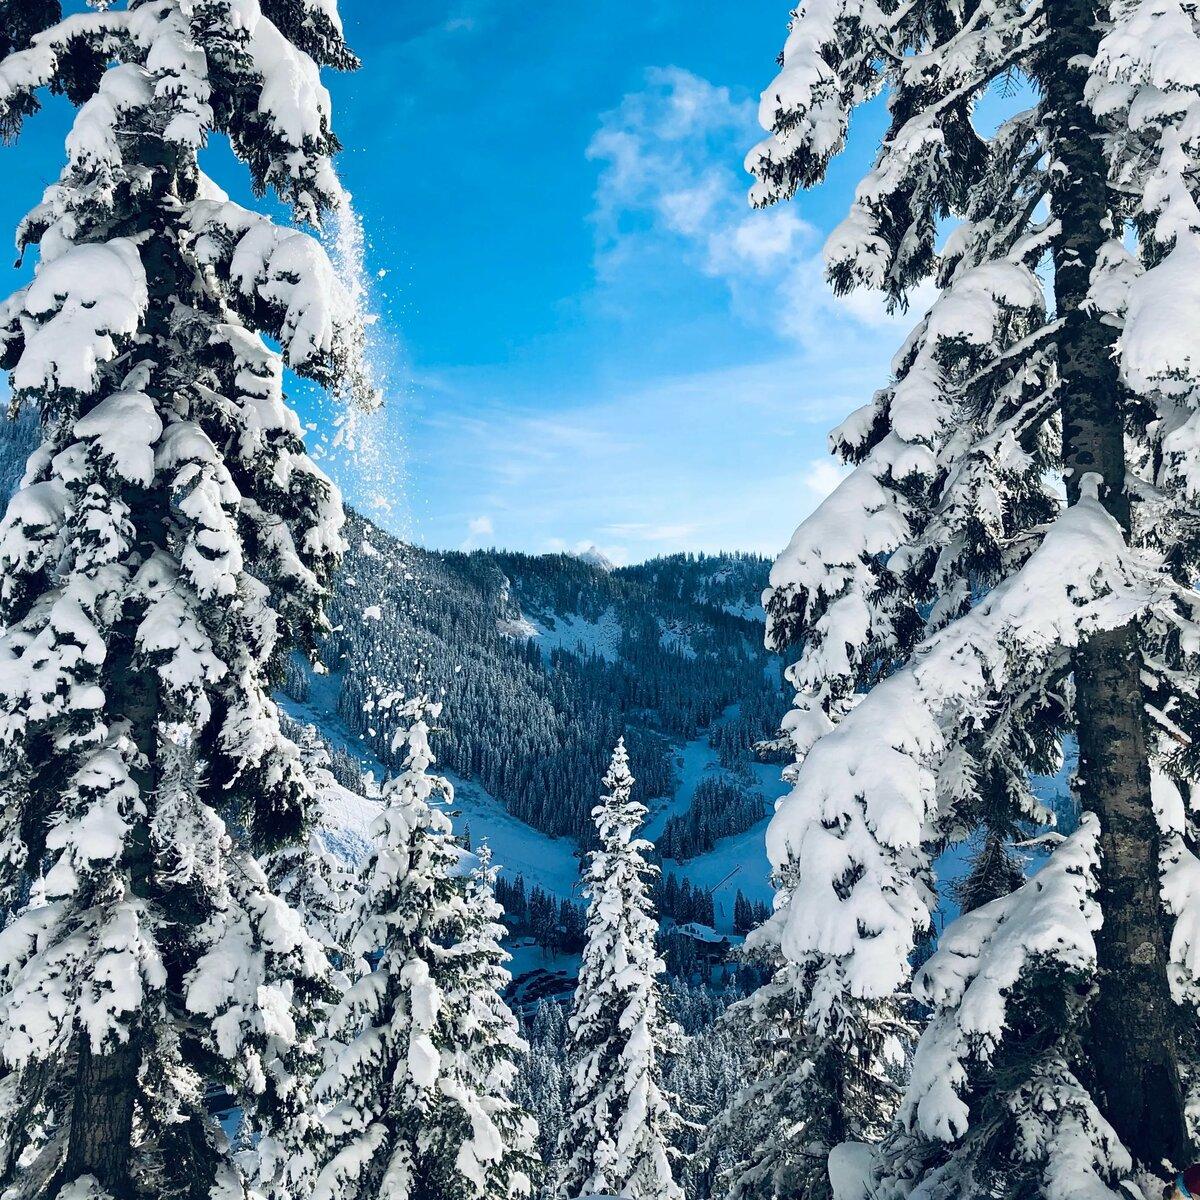 Зимний лес картинки для телефона